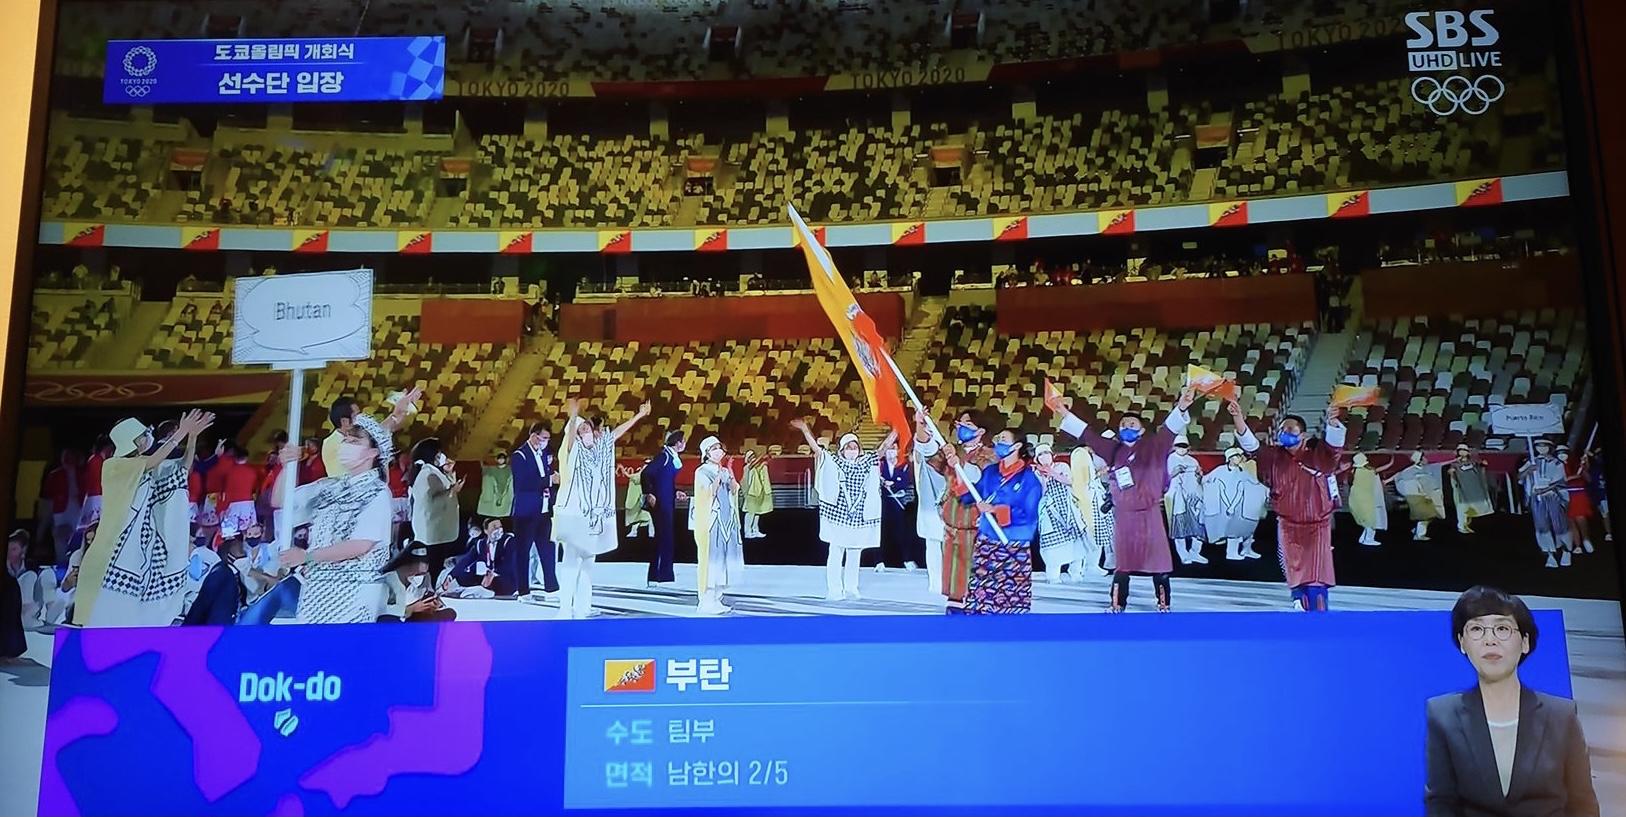 【悲報】韓国さん、国の紹介を全て竹島から始めてしまうwtwtwtwtwtwt